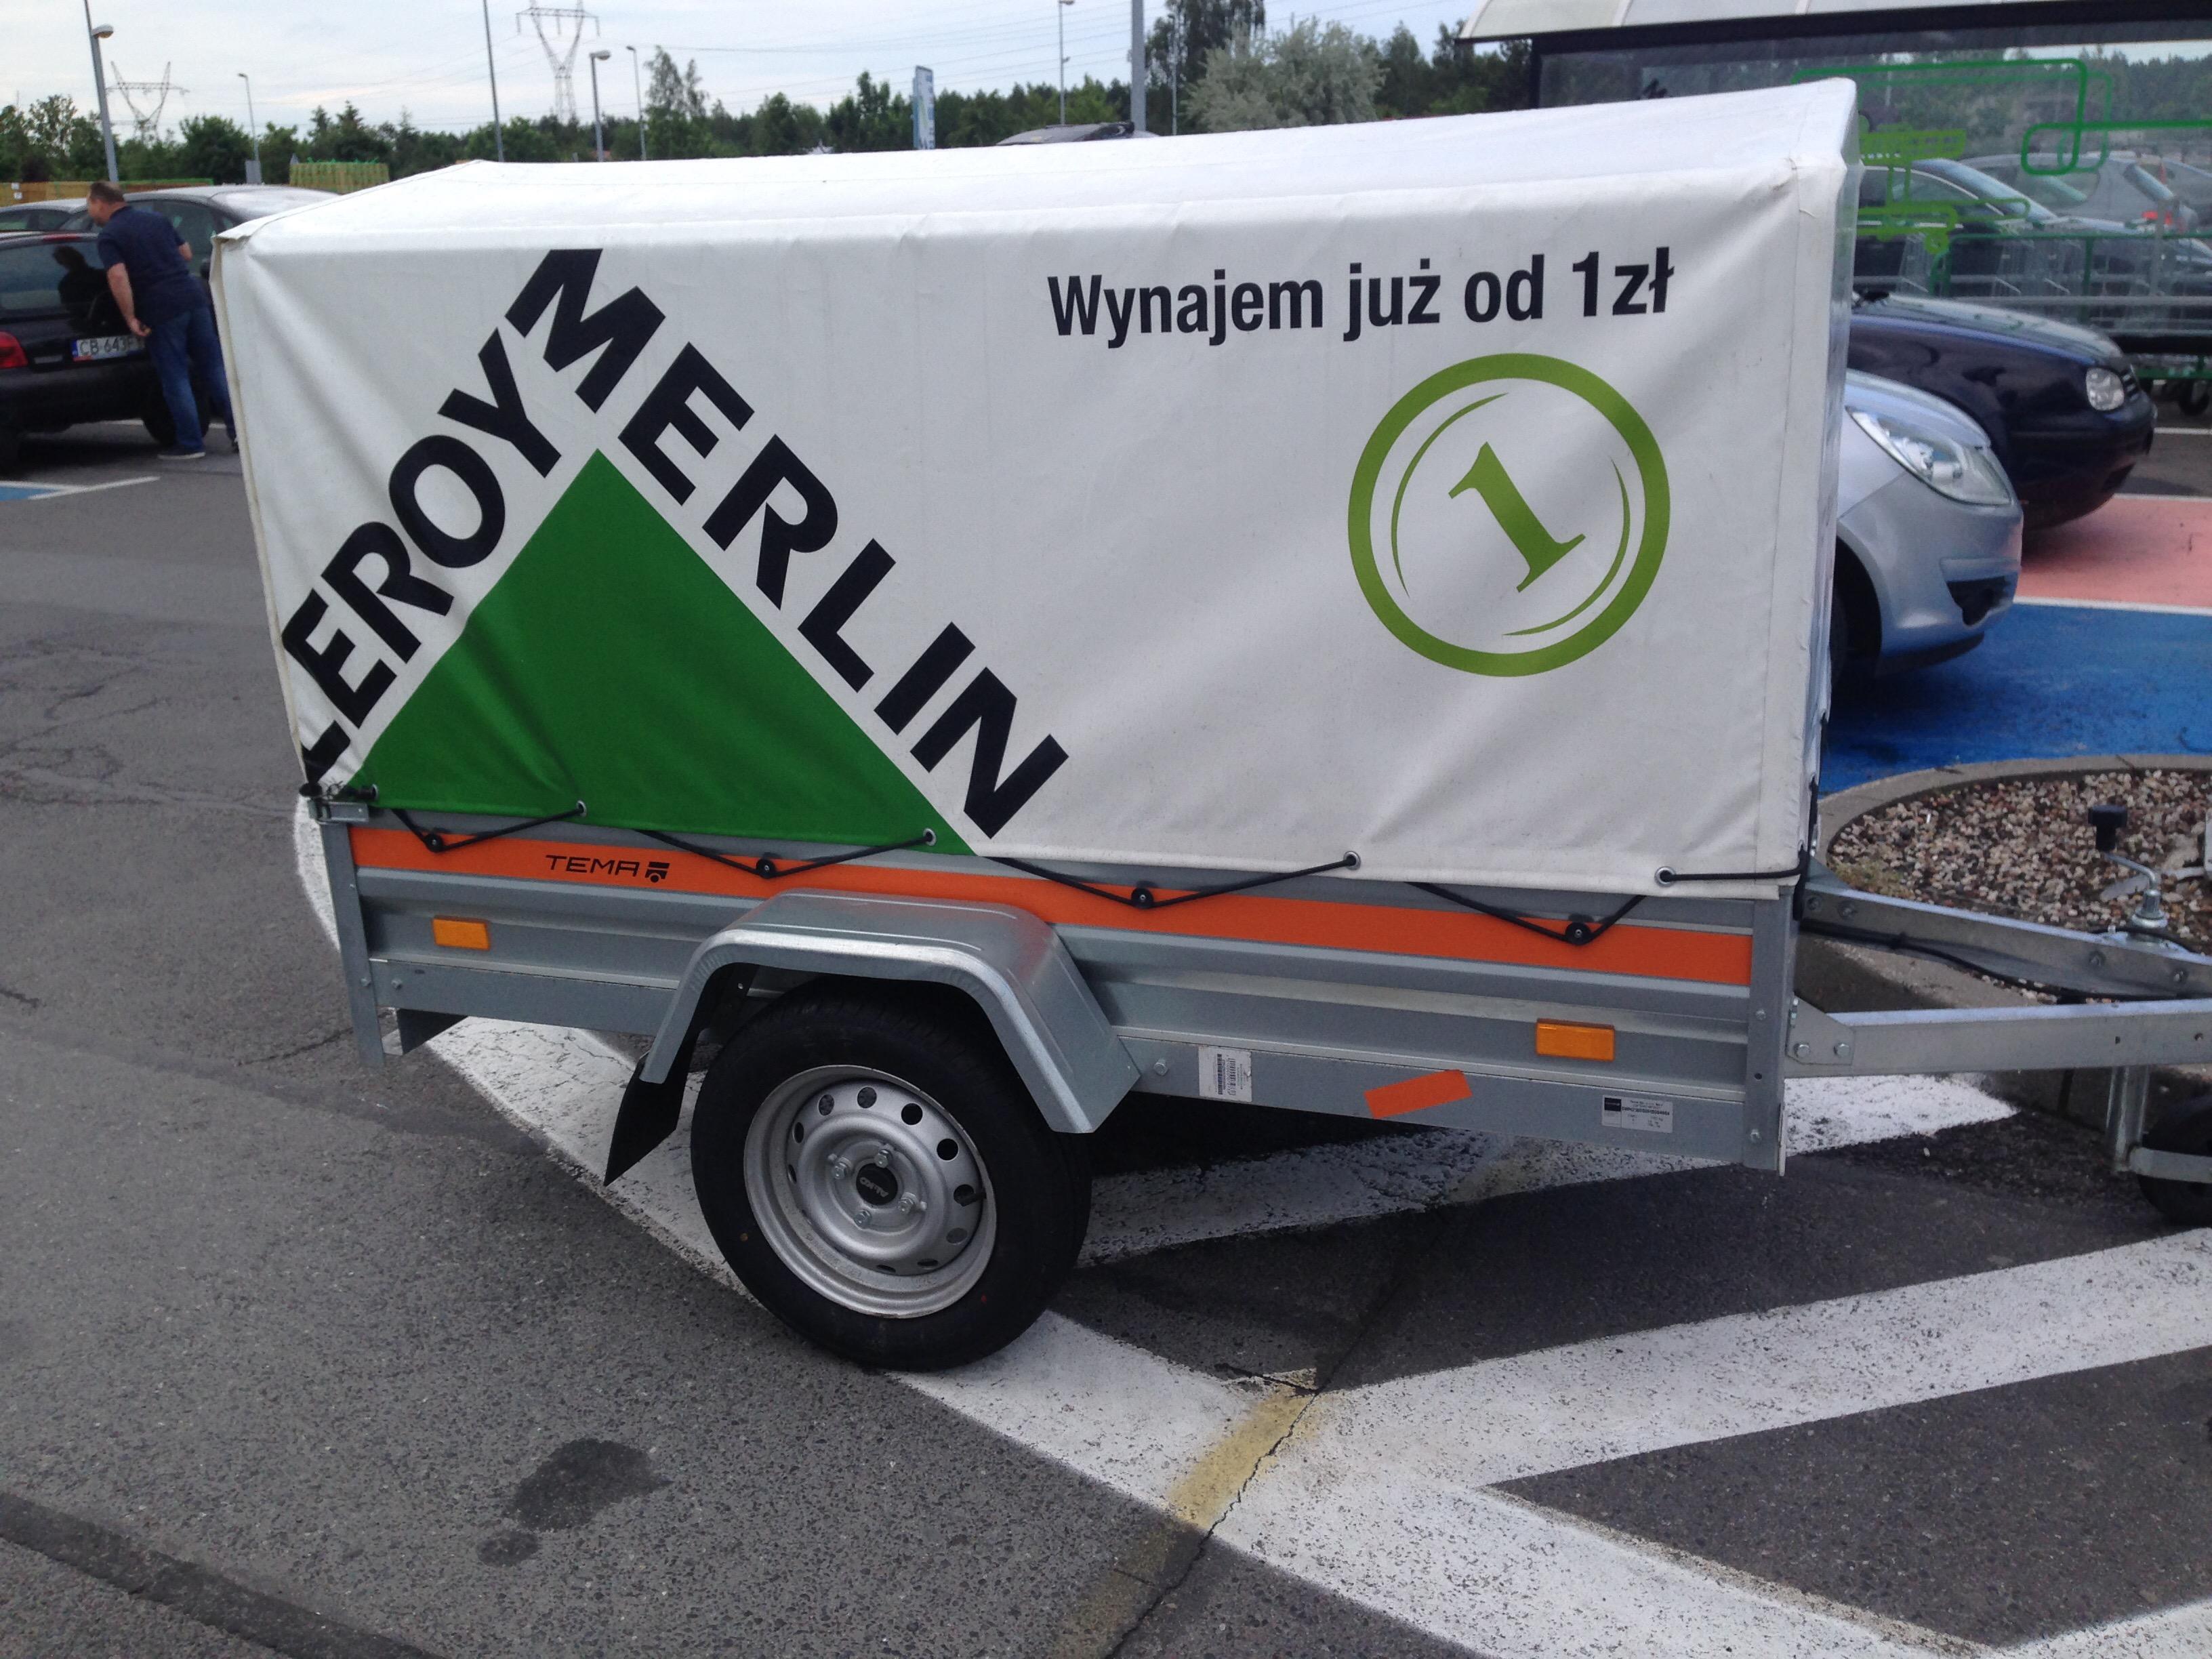 Przyczepka Do Zakupow W Leroy Merlin W Bydgoszczy Ale Serio